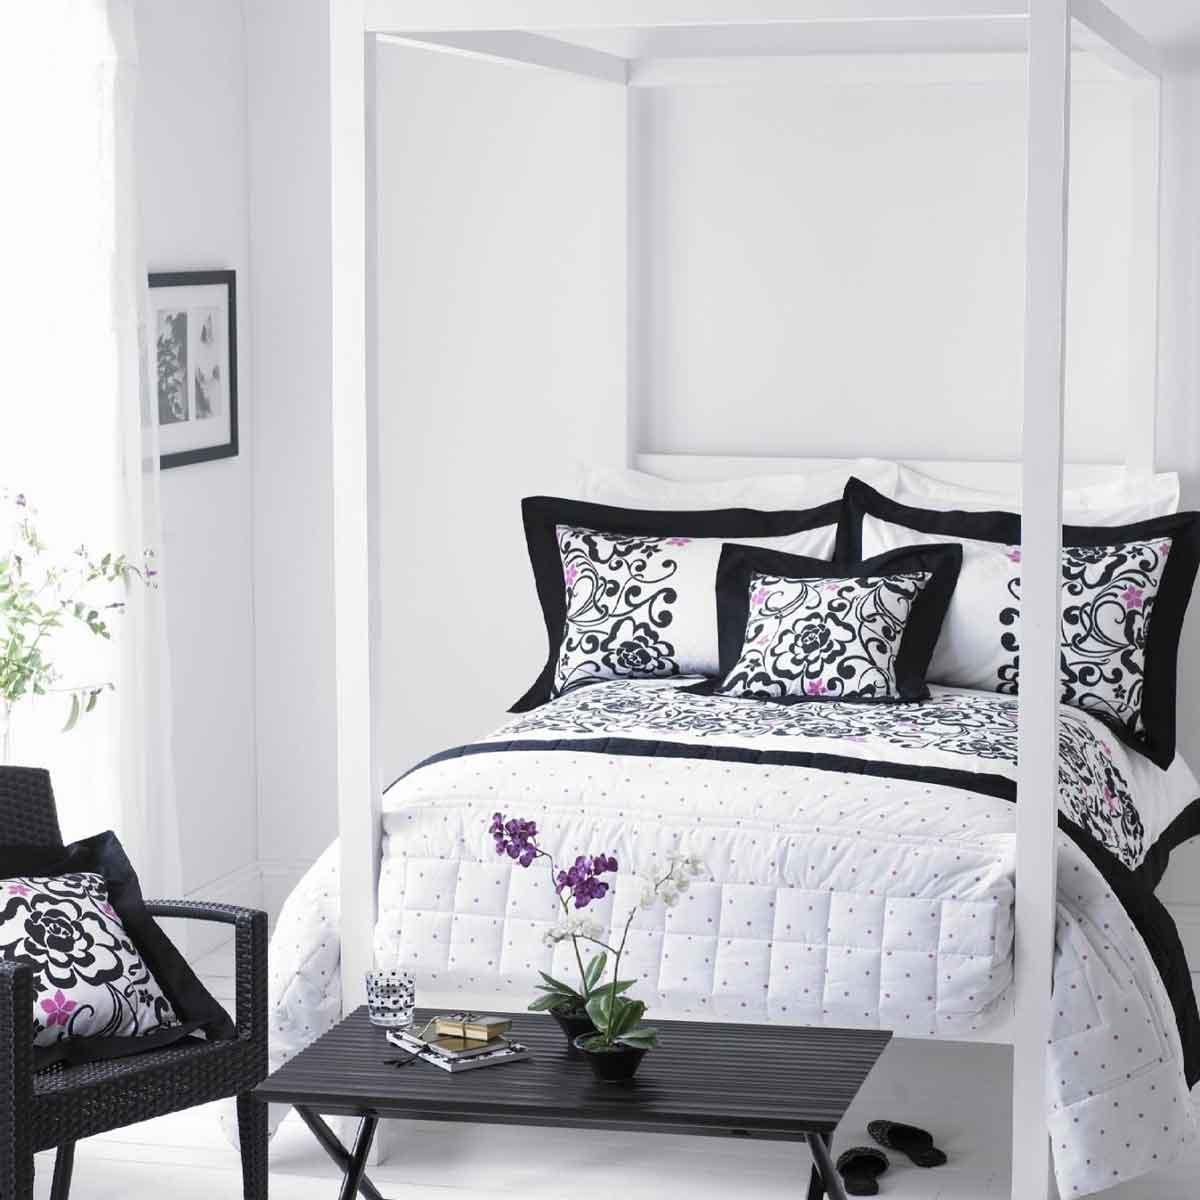 cores preto e branco, que ajudam a realçar o visual na decoração, e